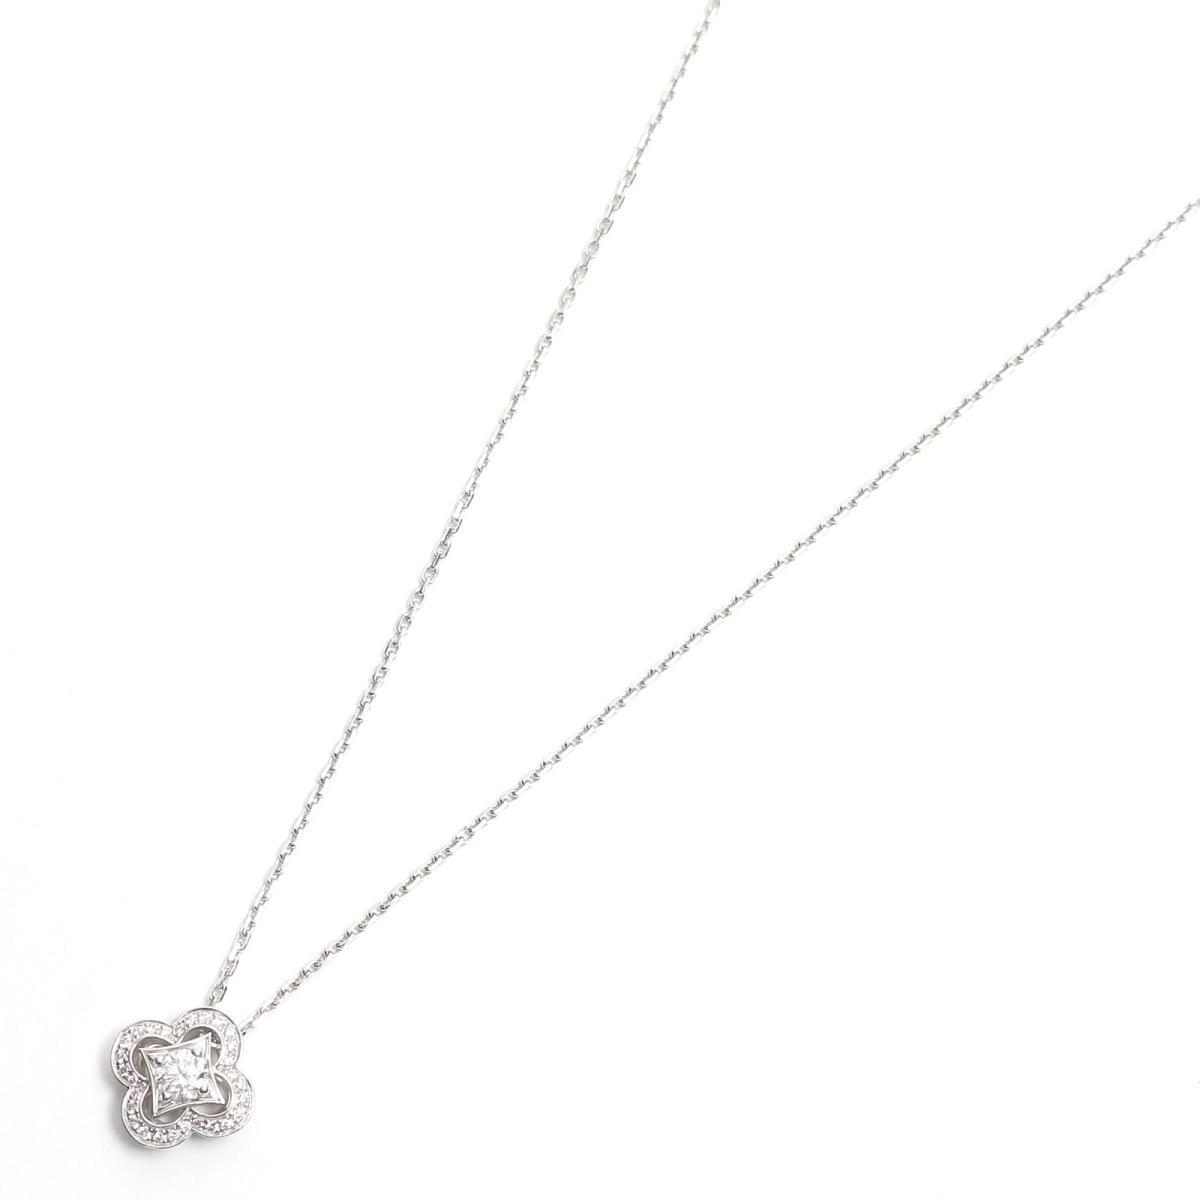 【中古】 ルイヴィトン パンダンティフ ダイヤモンドネックレス ペンダント レディース K18WG (750) ホワイトゴールド x ダイヤモンド | LOUIS VUITTON BRANDOFF ブランドオフ ヴィトン ルイ・ヴィトン ブランド ネックレス